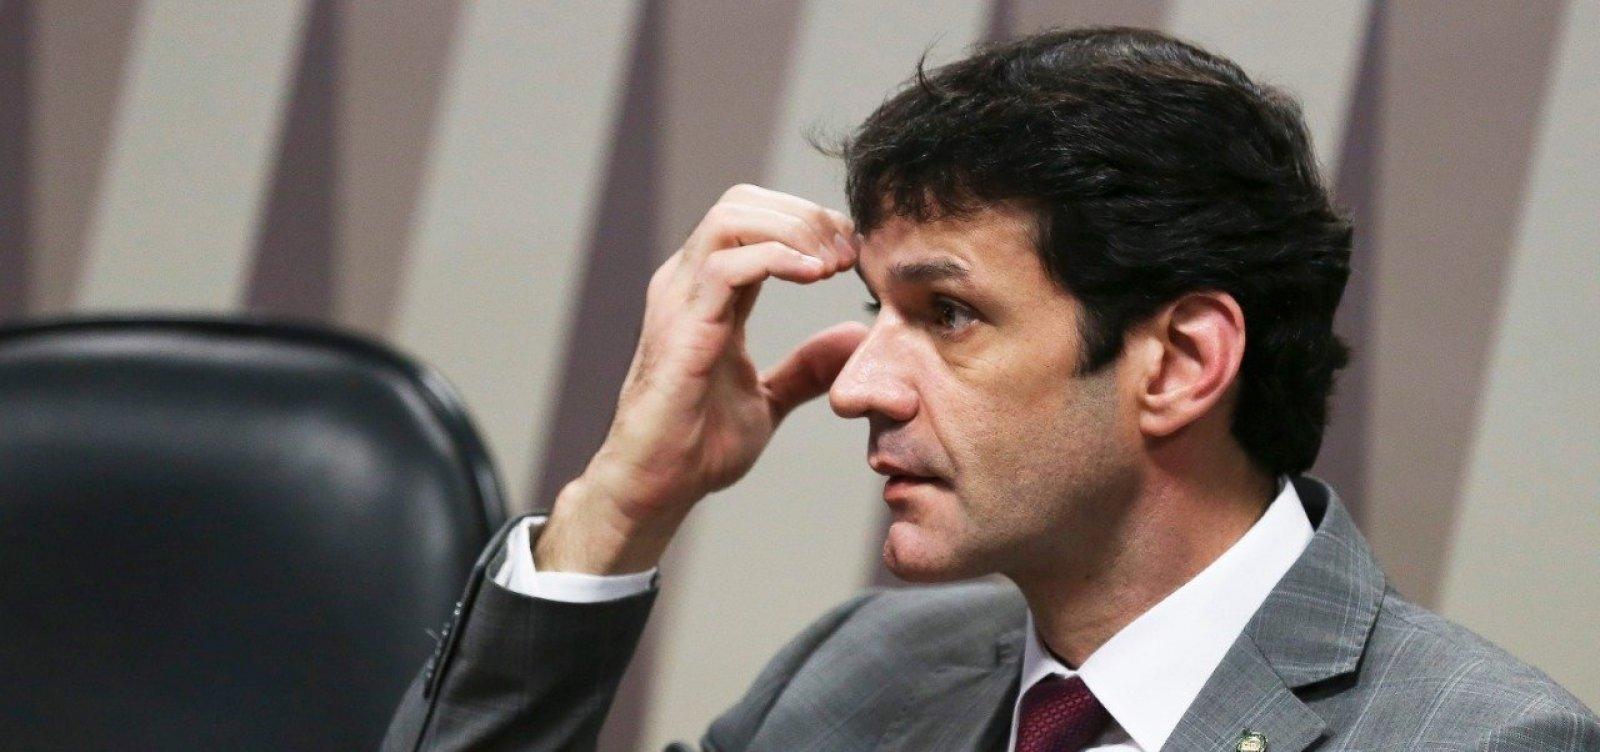 [Ministro do Turismo vai à Câmara para falar sobre candidaturas laranjas do PSL]